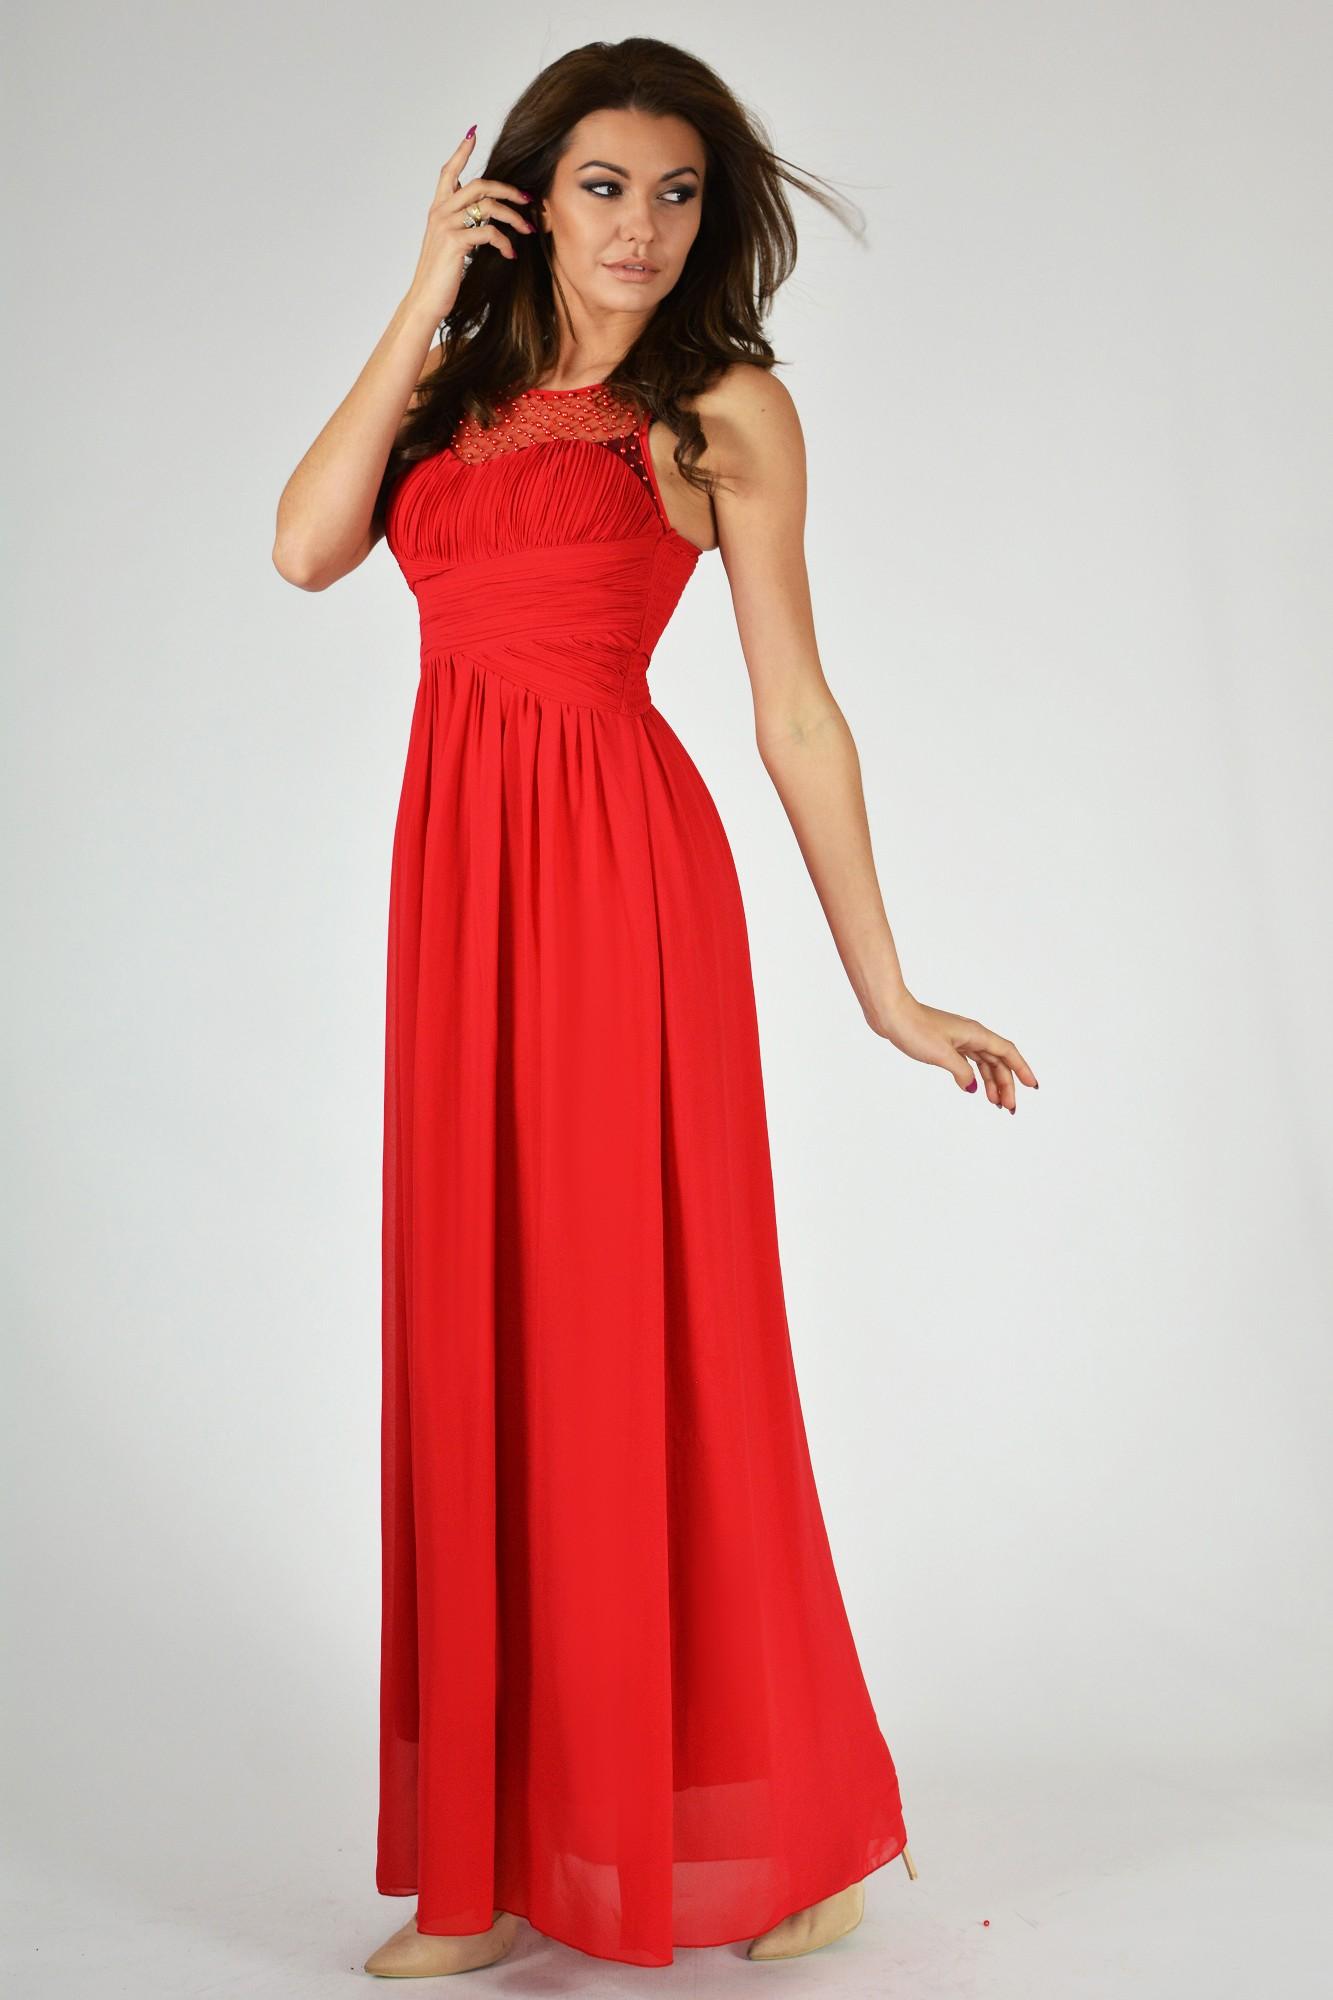 EVA&LOLA Sukienka R1238 czerwona r. L (9709) 807009709435 Kleitas sievietēm